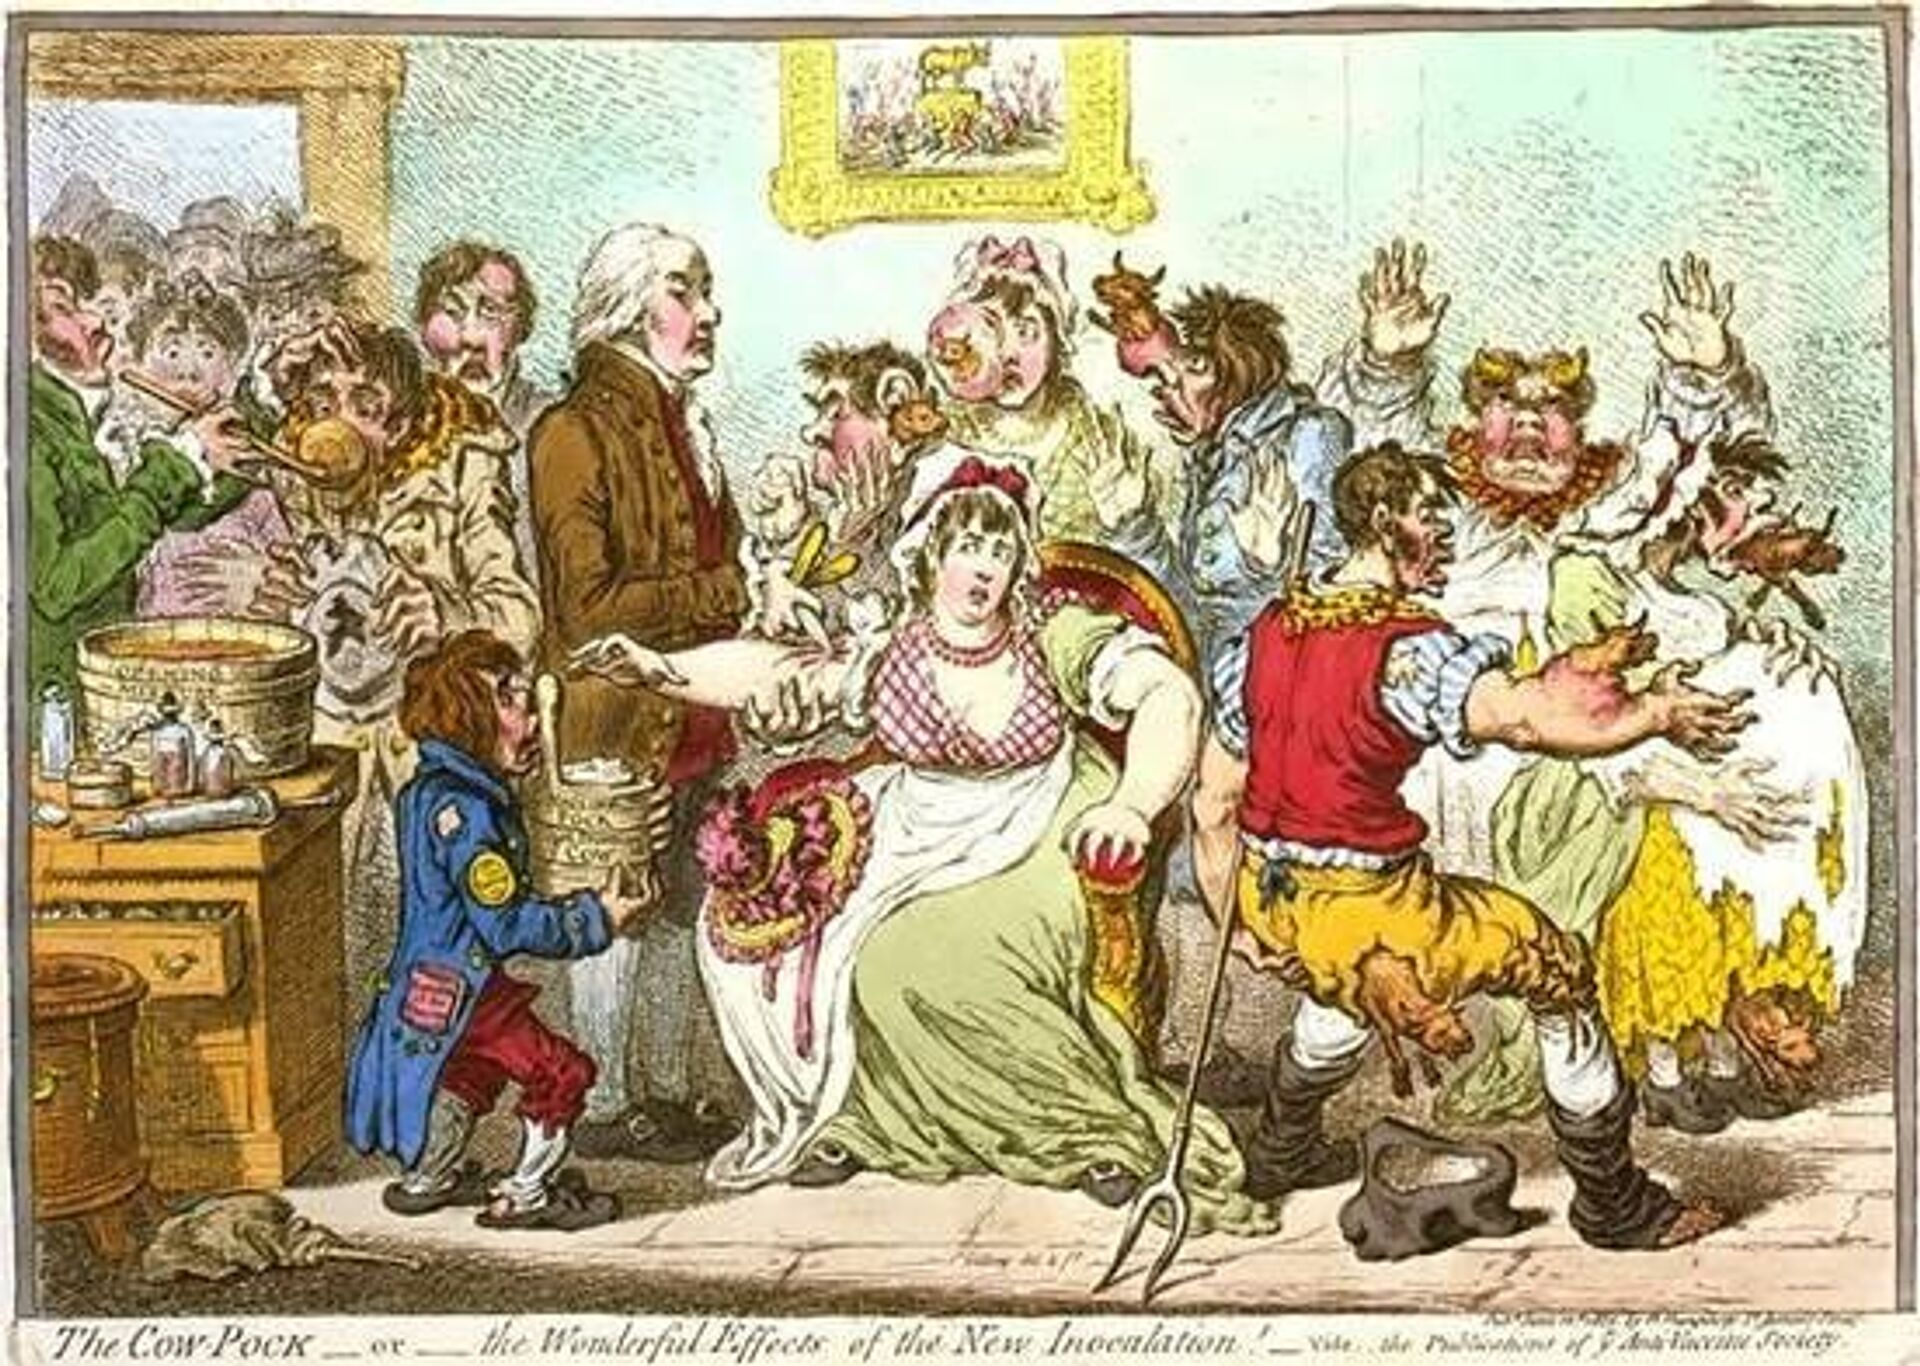 Британский художник Джеймс Джиллрей в 1802г. карикатурно изобразил сцену вакцинации в больнице Св. Панкратия - РИА Новости, 1920, 20.10.2020